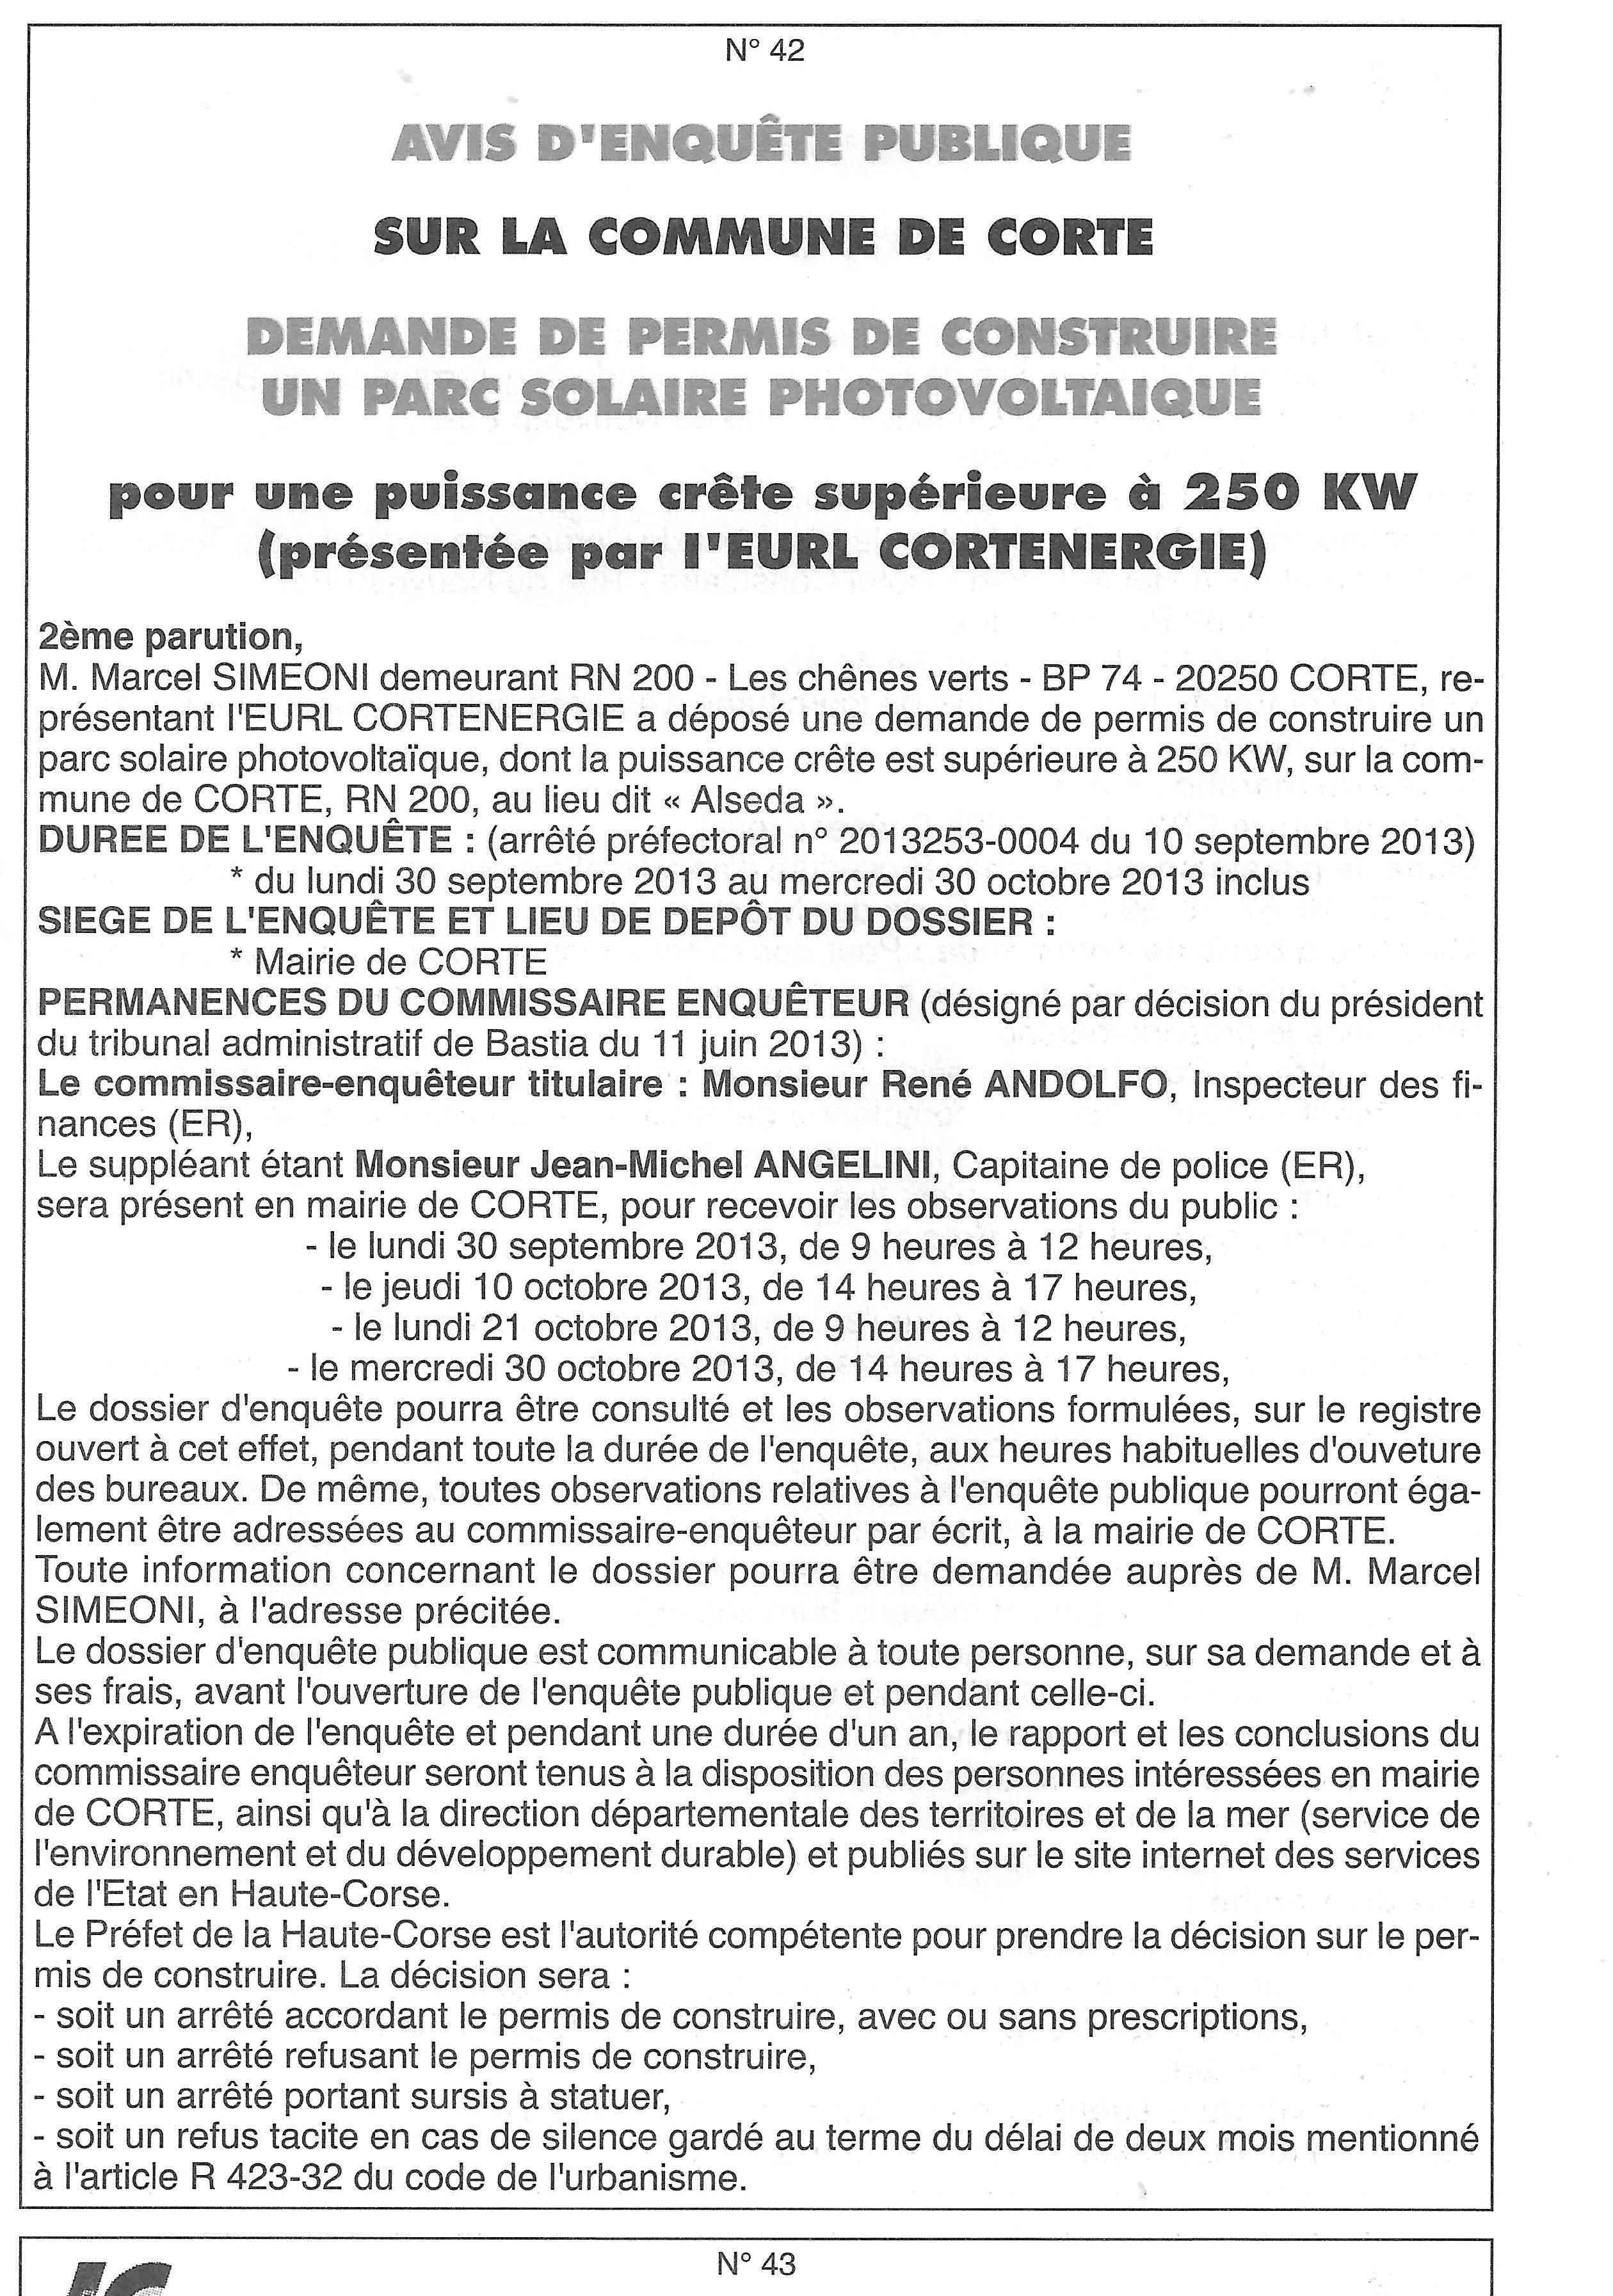 Corti demande de permis de construire parc solaire for Demande de permis de construire modificatif